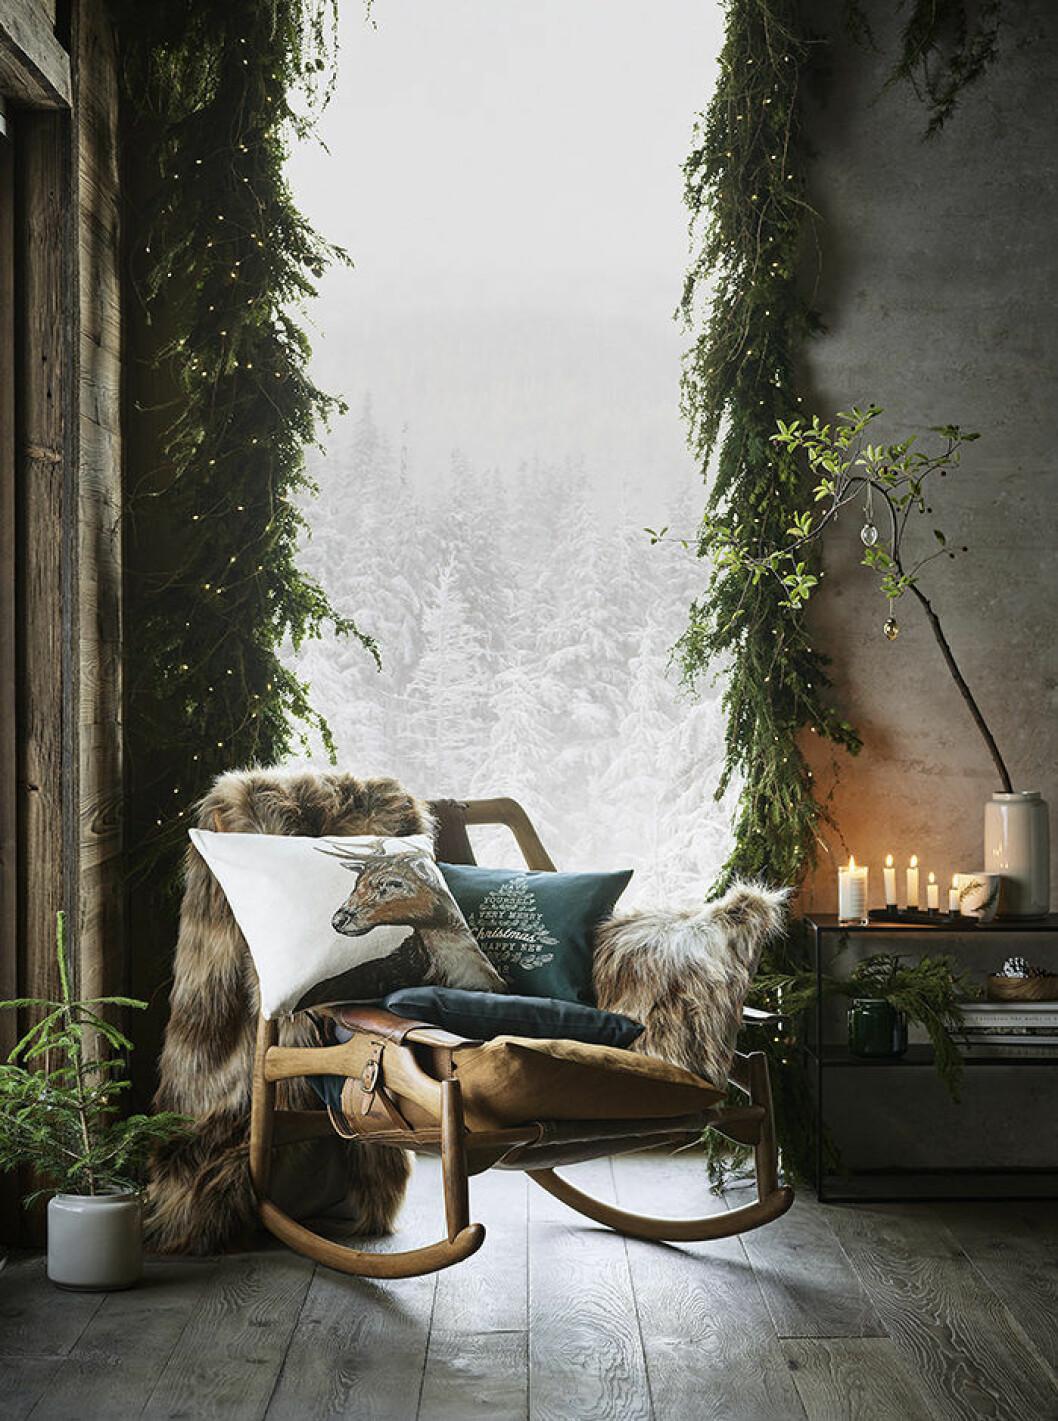 H&M Homes jul har rustika inslag av fuskpäls